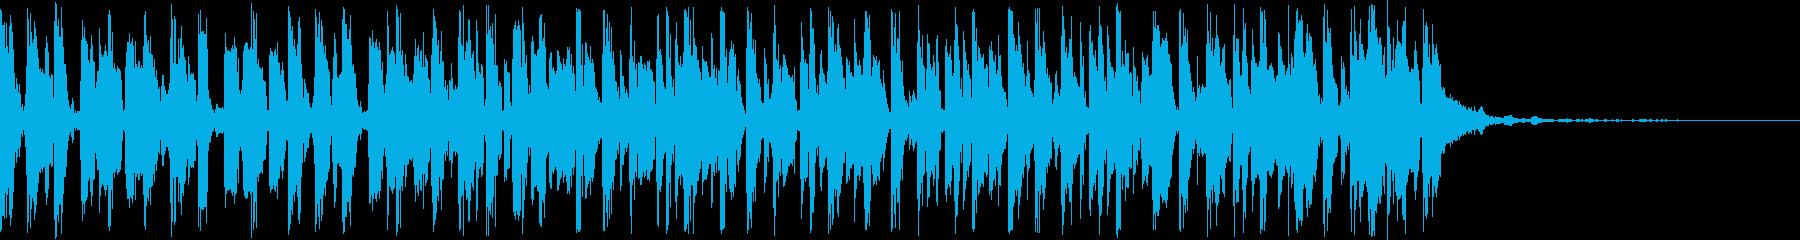 パンデイロ、パーカッション、ドラム...の再生済みの波形